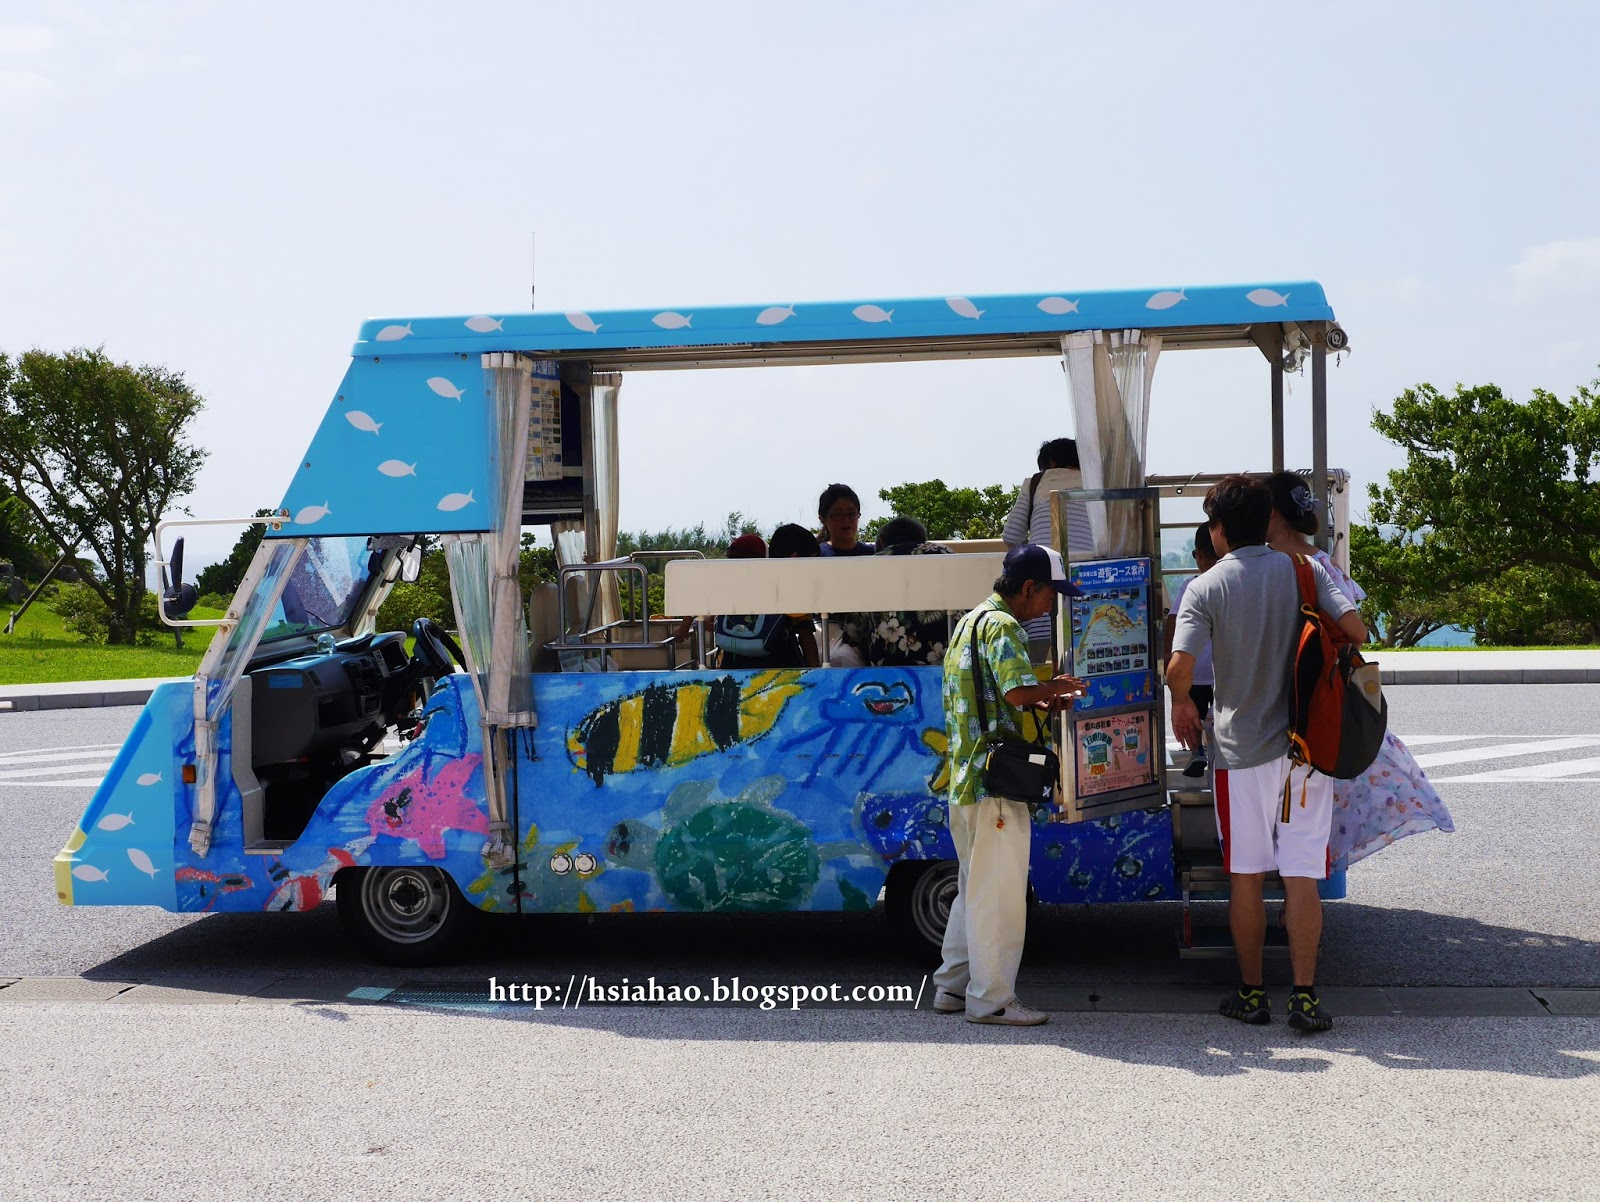 沖繩-海洋博公園-循環巴士-美麗海水族館-海洋博公園交通-自由行-旅遊-旅行-okinawa-ocean-expo-park-Churaumi